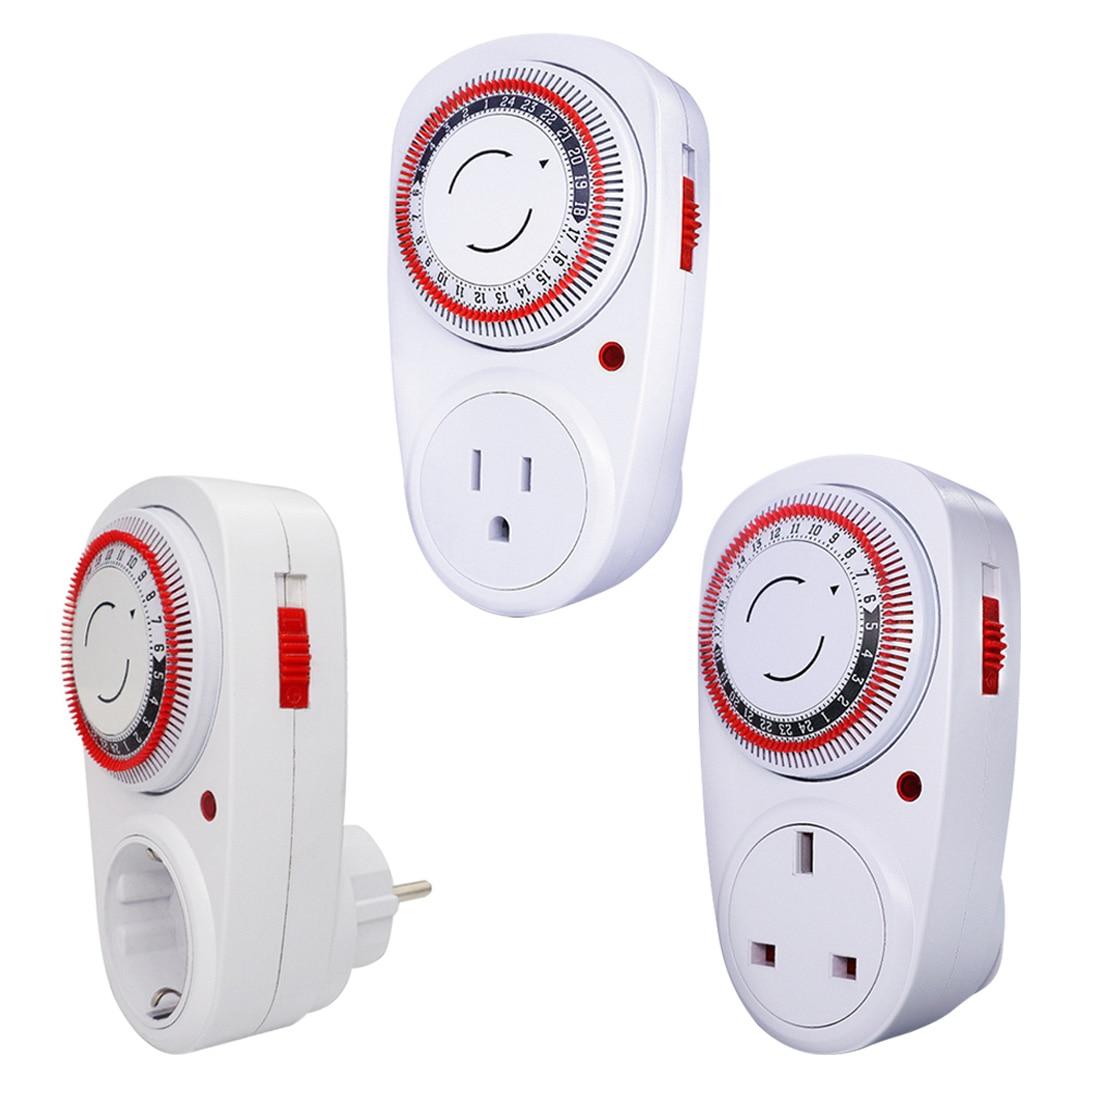 24 Hour Plug-in Programmable Mechanical Electrical EU /US /UK Plug Program Timer Power Switch 230V Energy Saver Temporizado